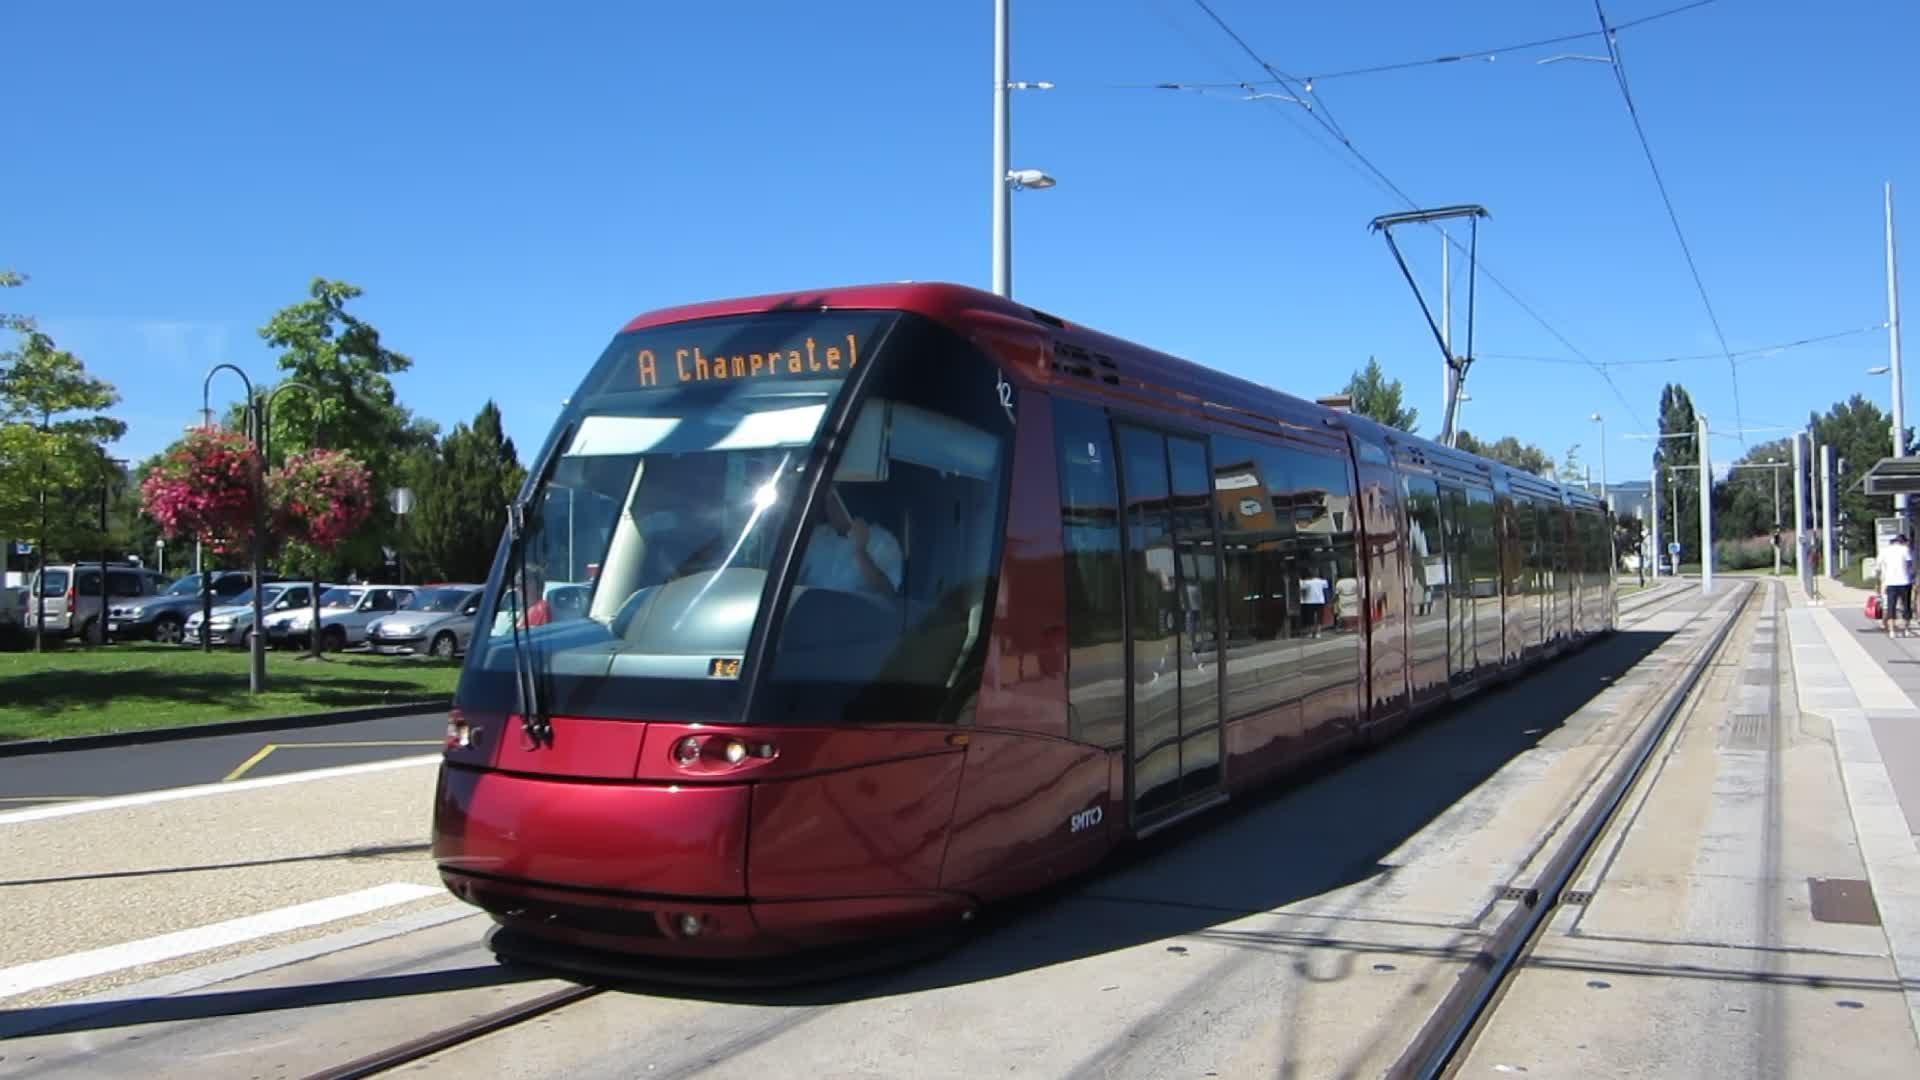 clermont ferrand le tram supprim tout l 39 t radio scoop clermont ferrand nouvelles. Black Bedroom Furniture Sets. Home Design Ideas